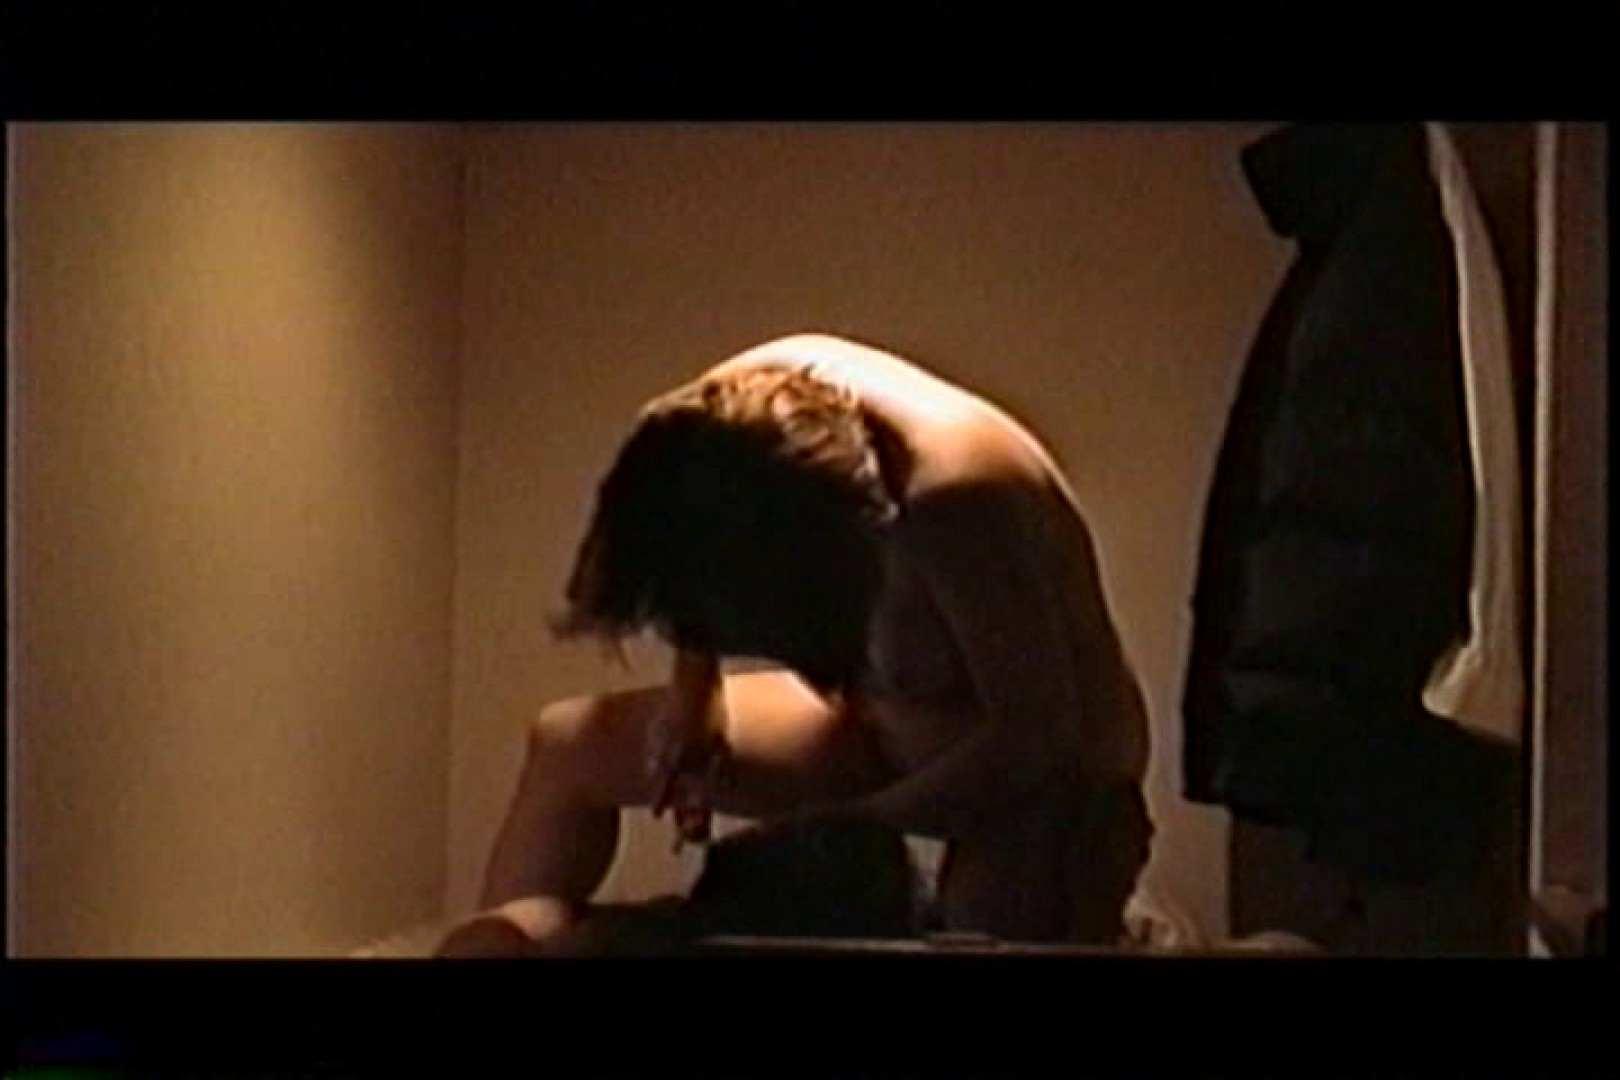 デリ嬢マル秘撮り本物投稿版② ギャル達のオマンコ | ギャルの乳首  55画像 38